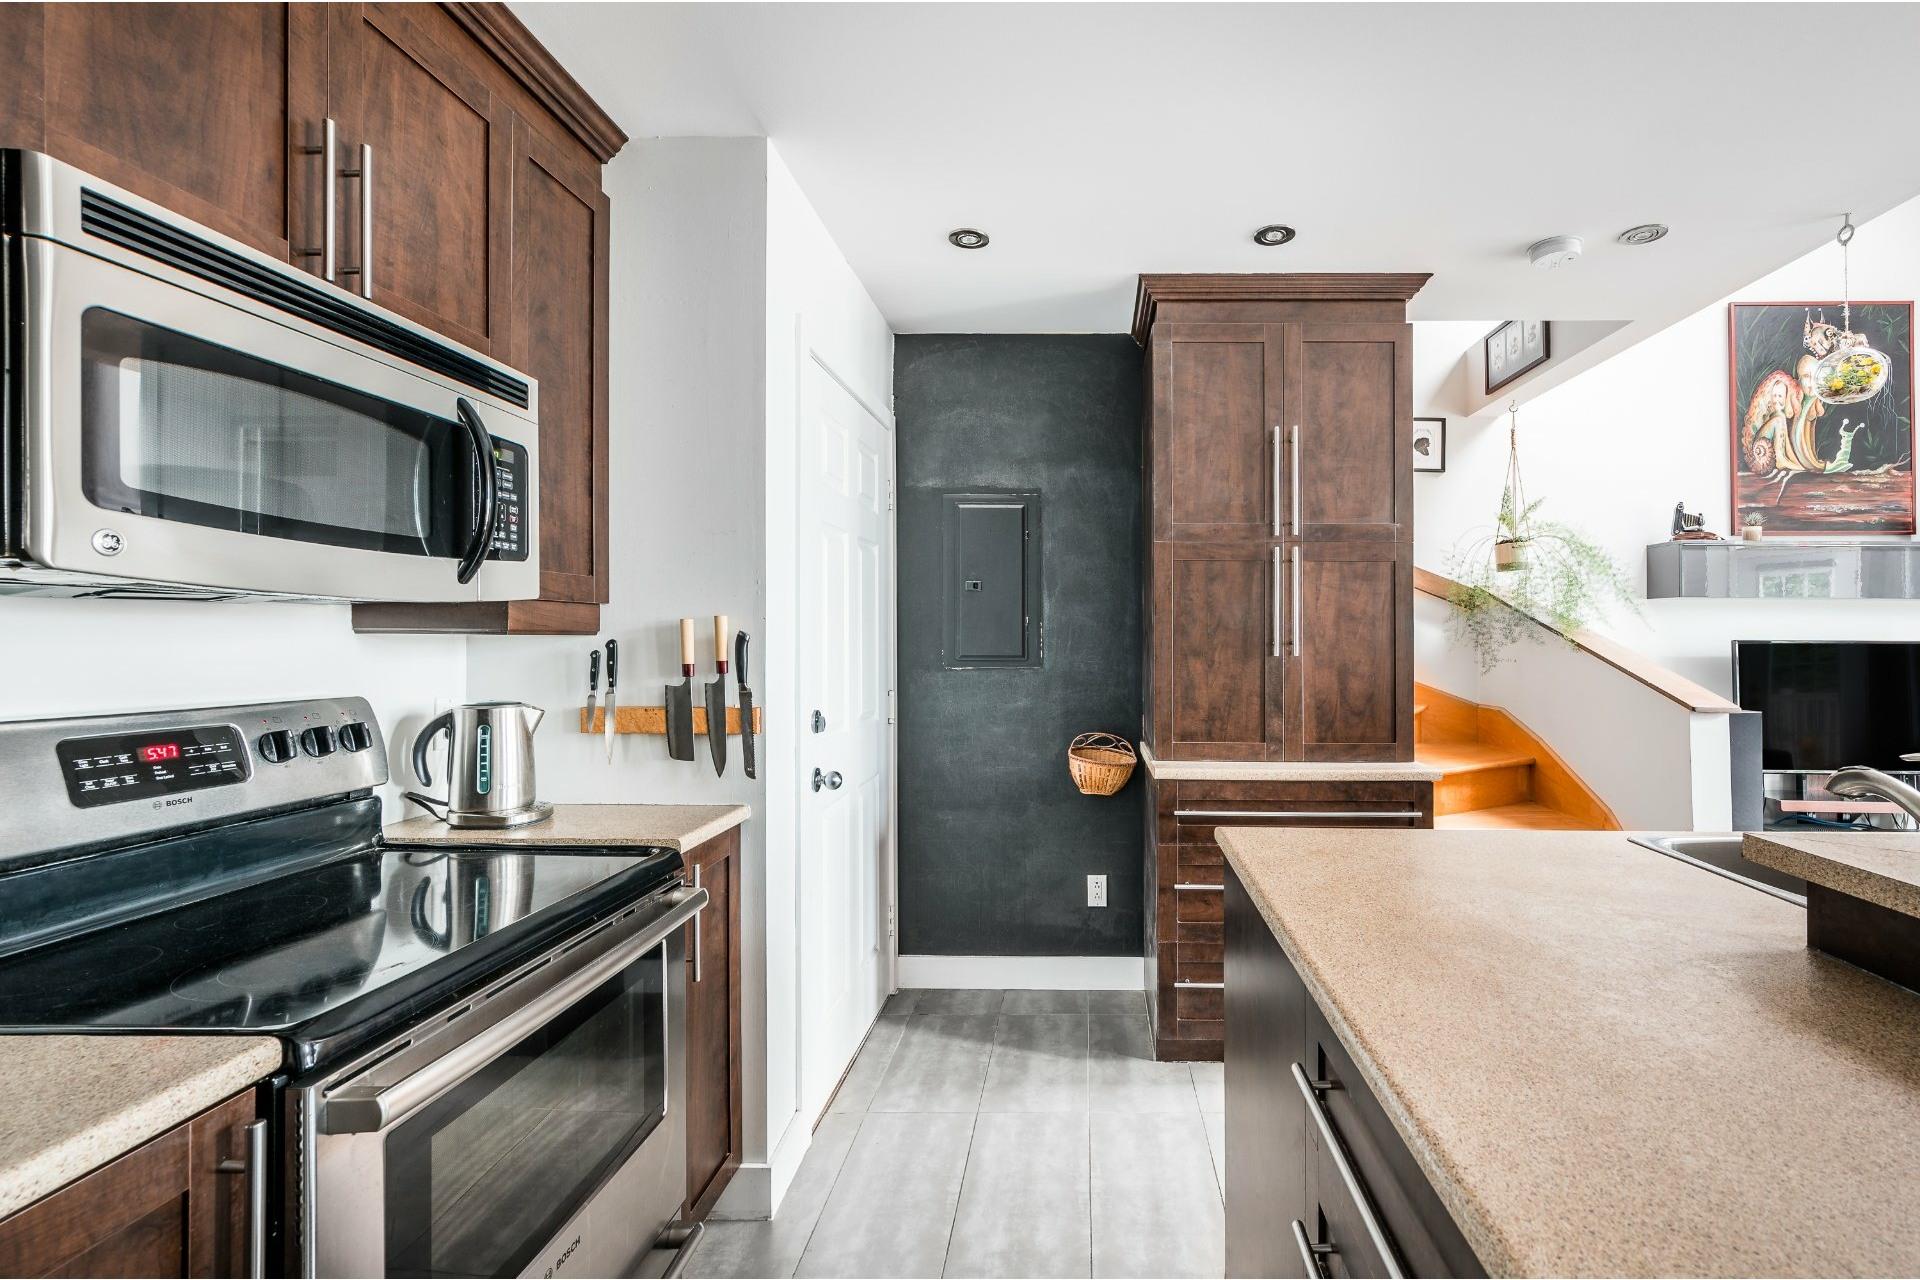 image 14 - Appartement À vendre Verdun/Île-des-Soeurs Montréal  - 5 pièces